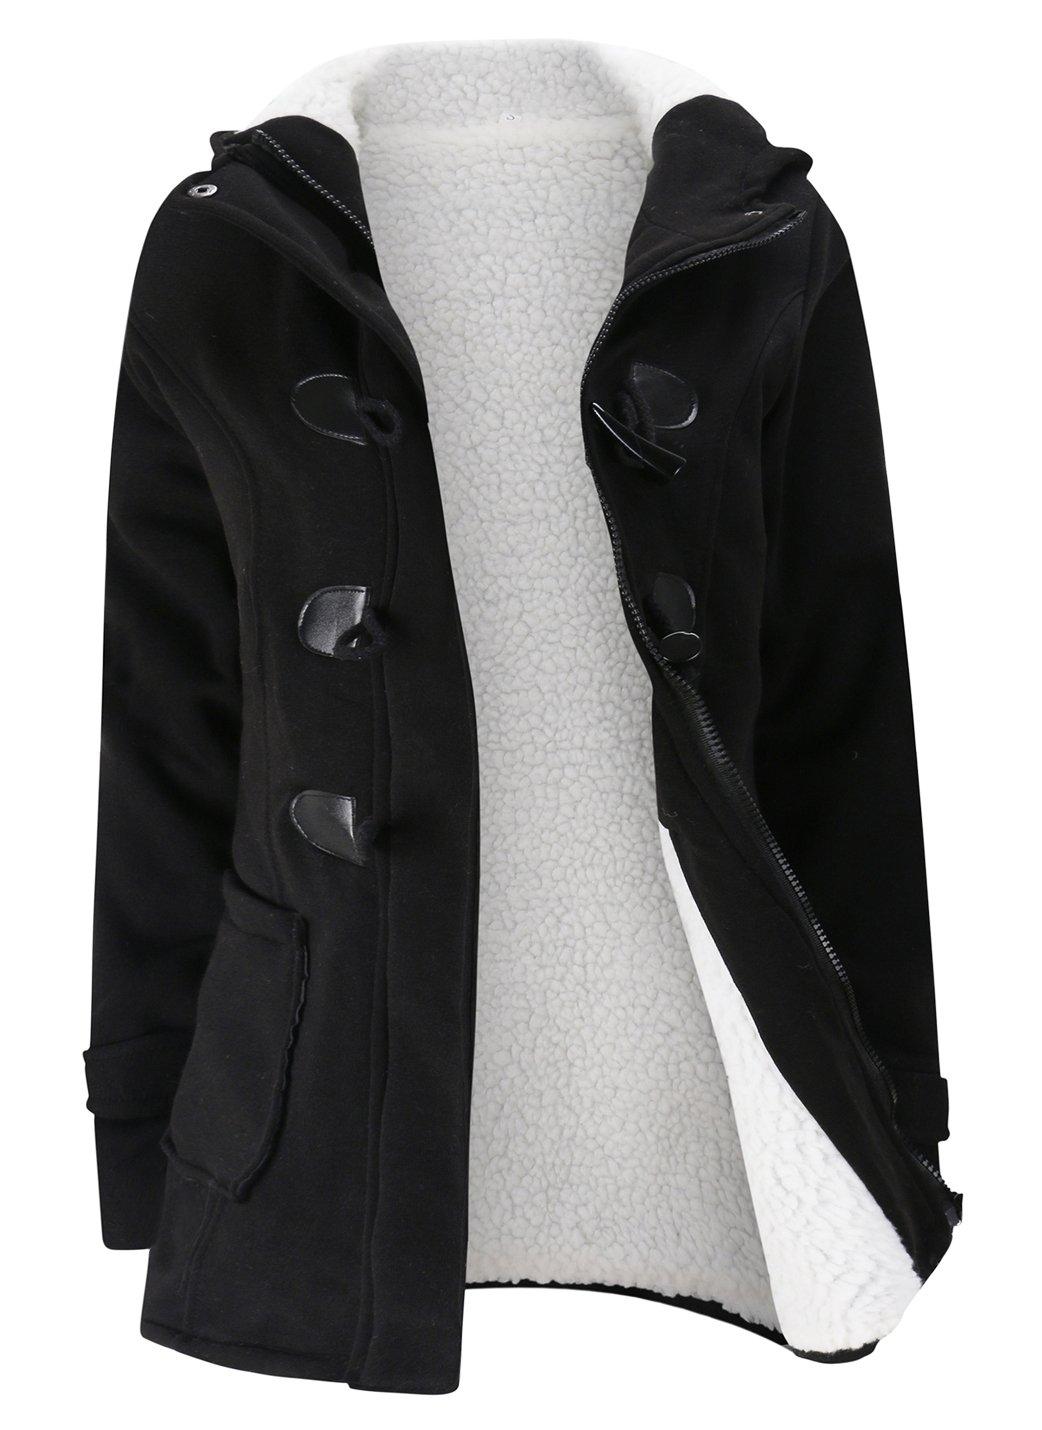 Gihuo Women's Casual Fleece-Lined Winter Warm Coat Hooded Jacket (X-Large, Black)